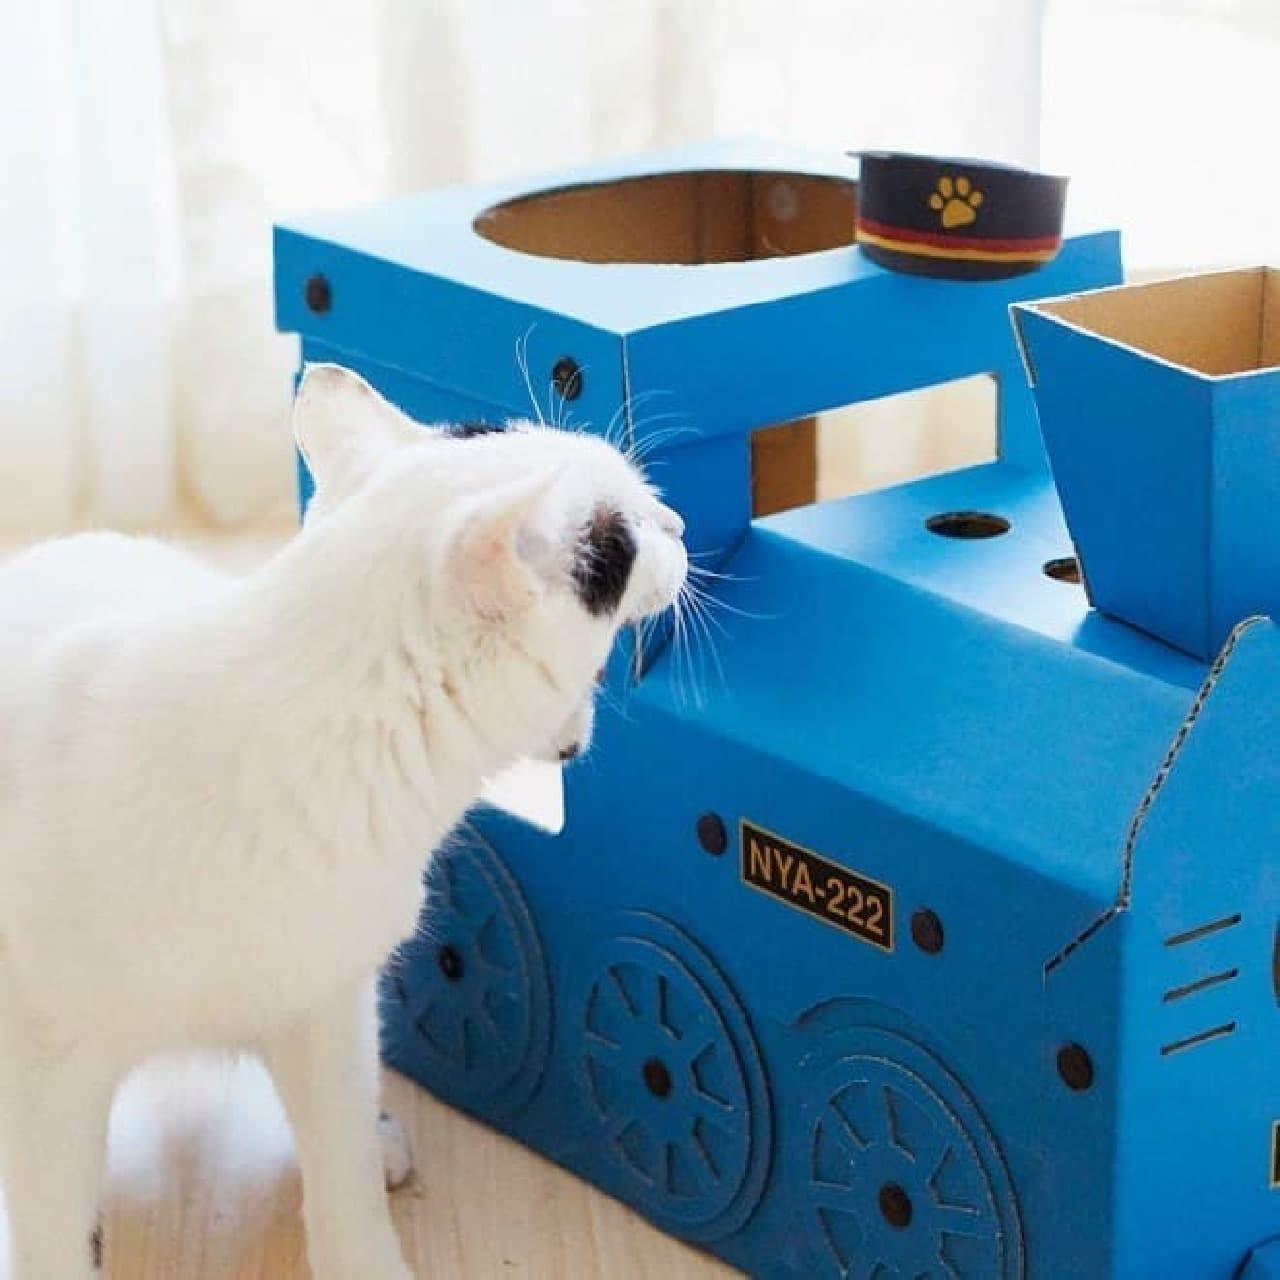 ネコが思い切りツメ研ぎできる厚さ2センチの設計。